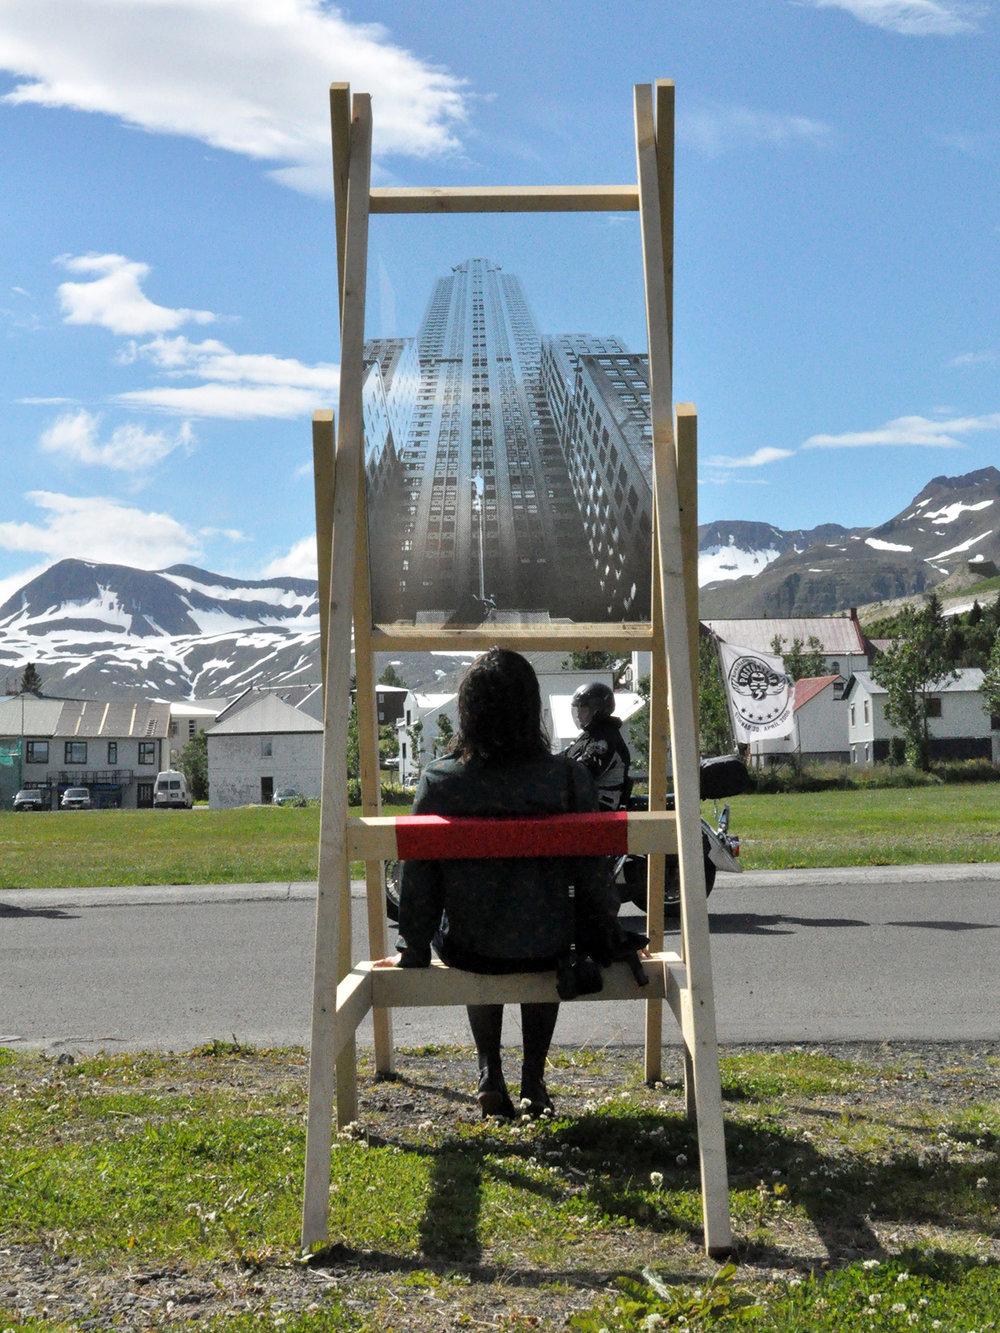 Manhattan Project (2014): Deltagere opførte Chrysler Building i Siglufjörður, som kunne opleves fra to udkigsposter i byen. Idéen kommer fra det faktum, at byens gadesystem er inspireret af Manhattans.